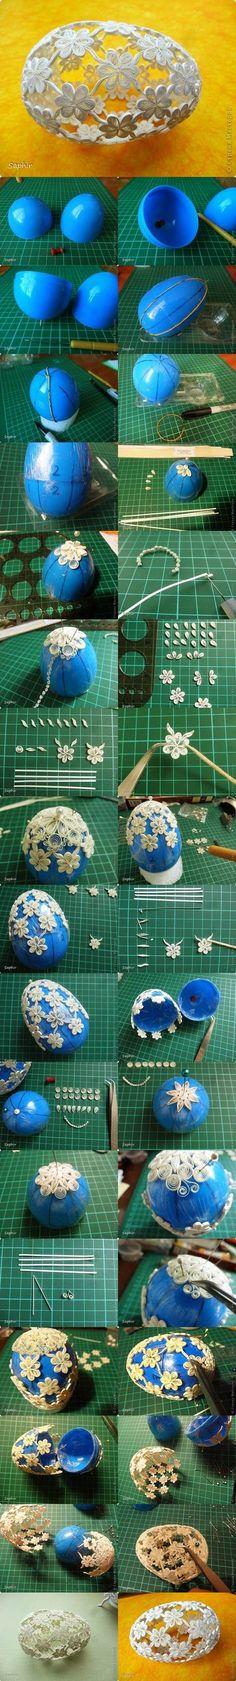 DIY Quilling Flowers Easter Egg | iCreativeIdeas.com Follow Us on Facebook --> https://www.facebook.com/icreativeideas: